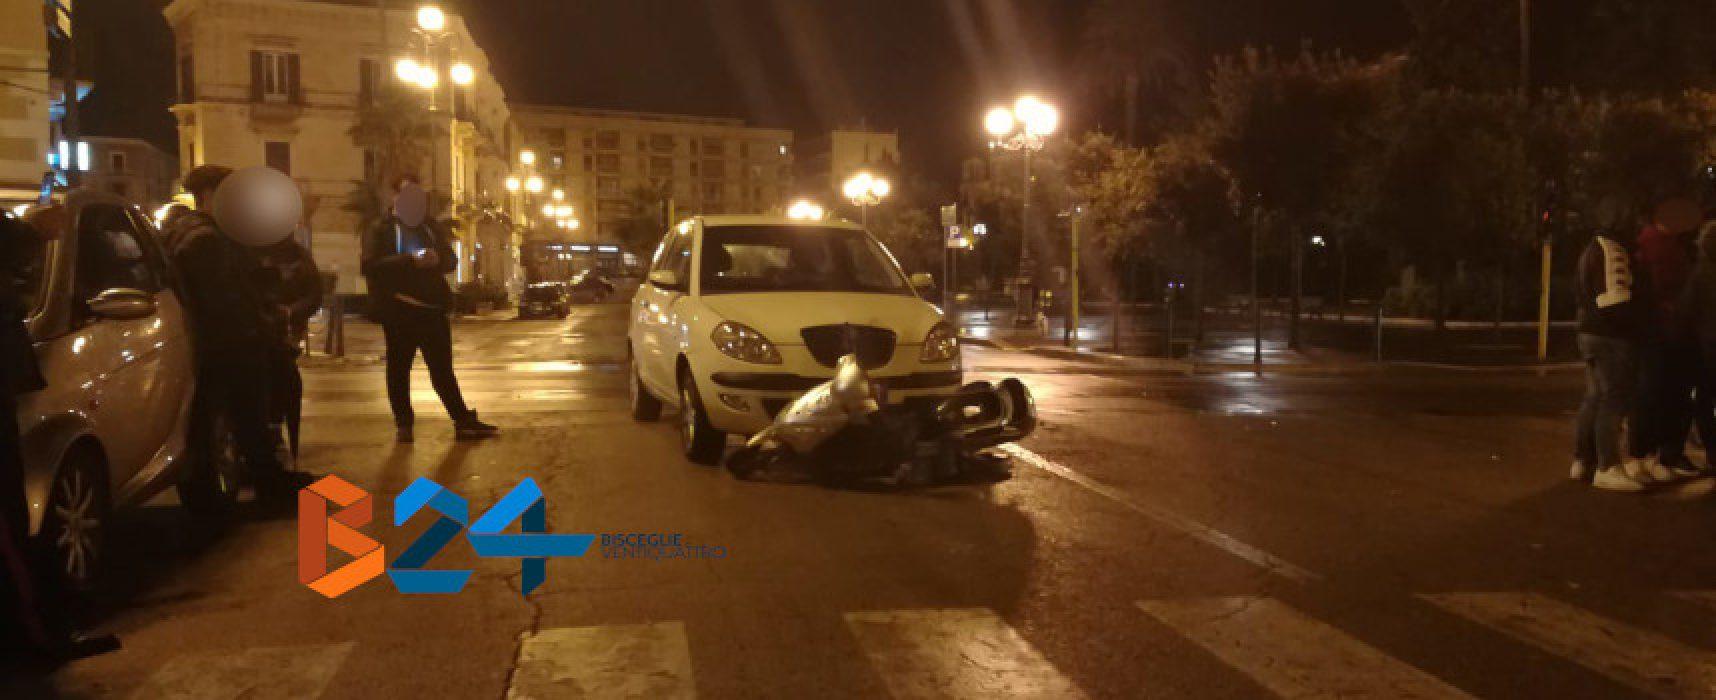 Scontro tra auto e scooter elettrico, minorenne al pronto soccorso